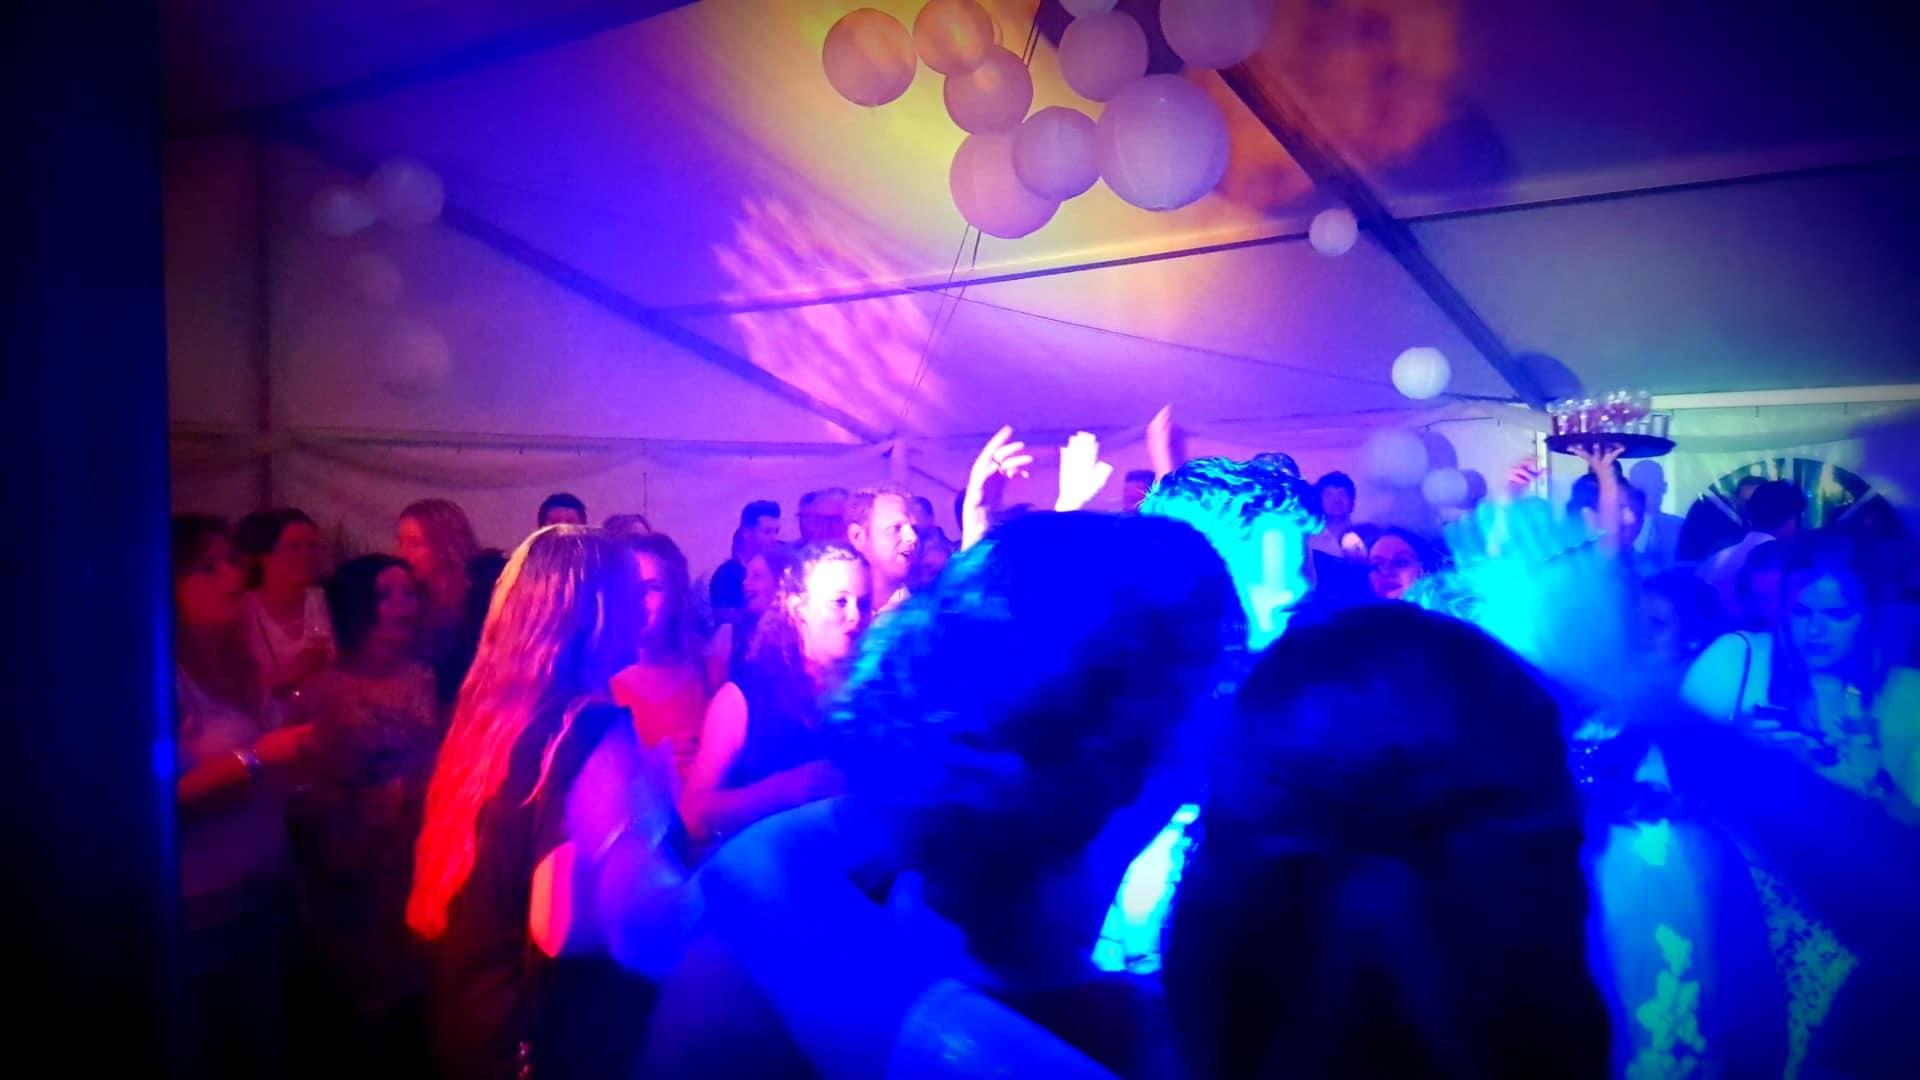 dj-feest-deejay-venlo-limburg-bedrijfsfeest-evenement (33)